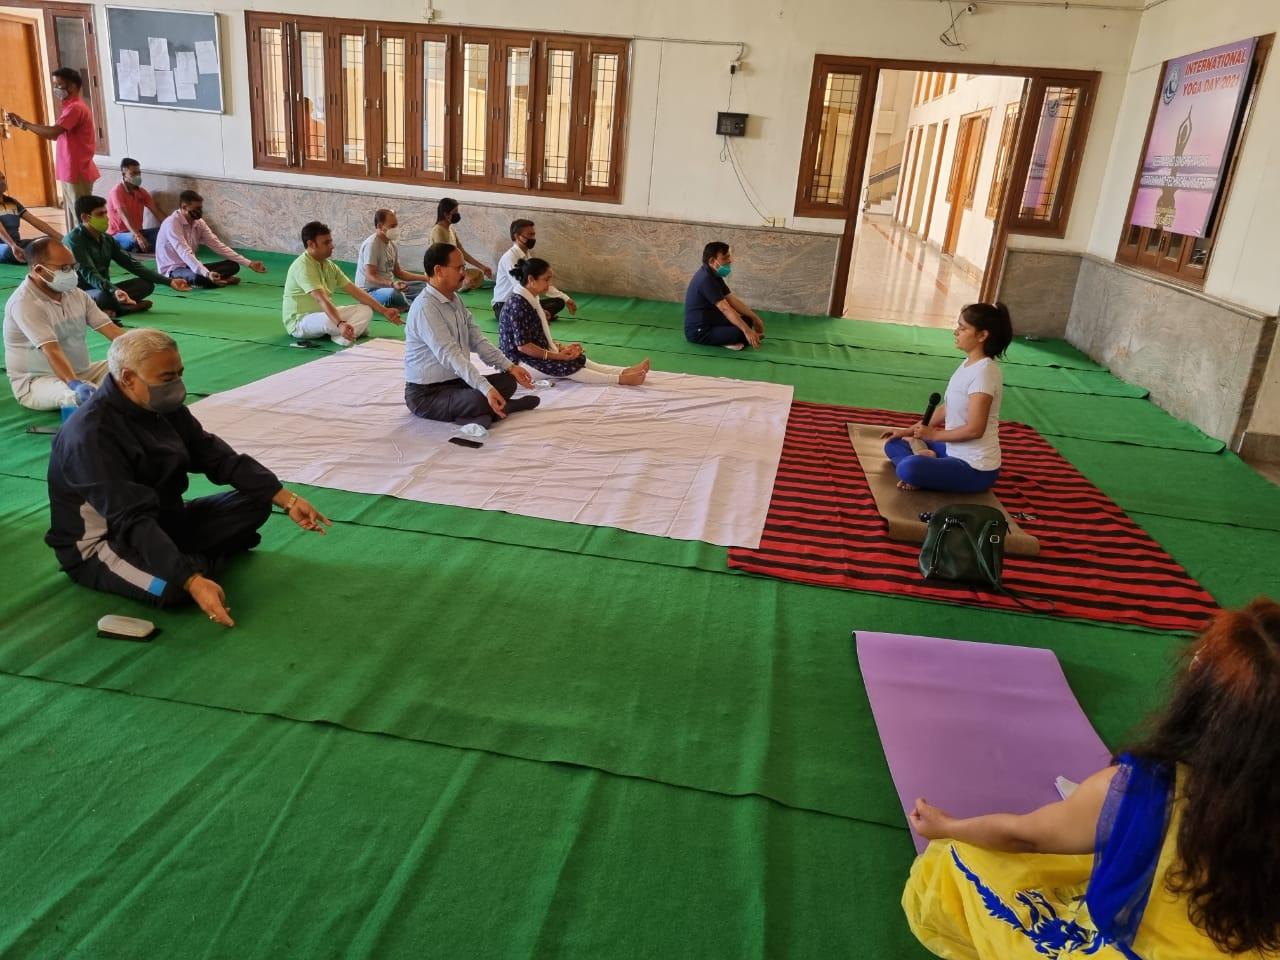 योग से स्थापित होता है शारीरिक, मानसिक और आध्यात्मिक संतुलन: कुलपति डाॅ0 ध्यानी